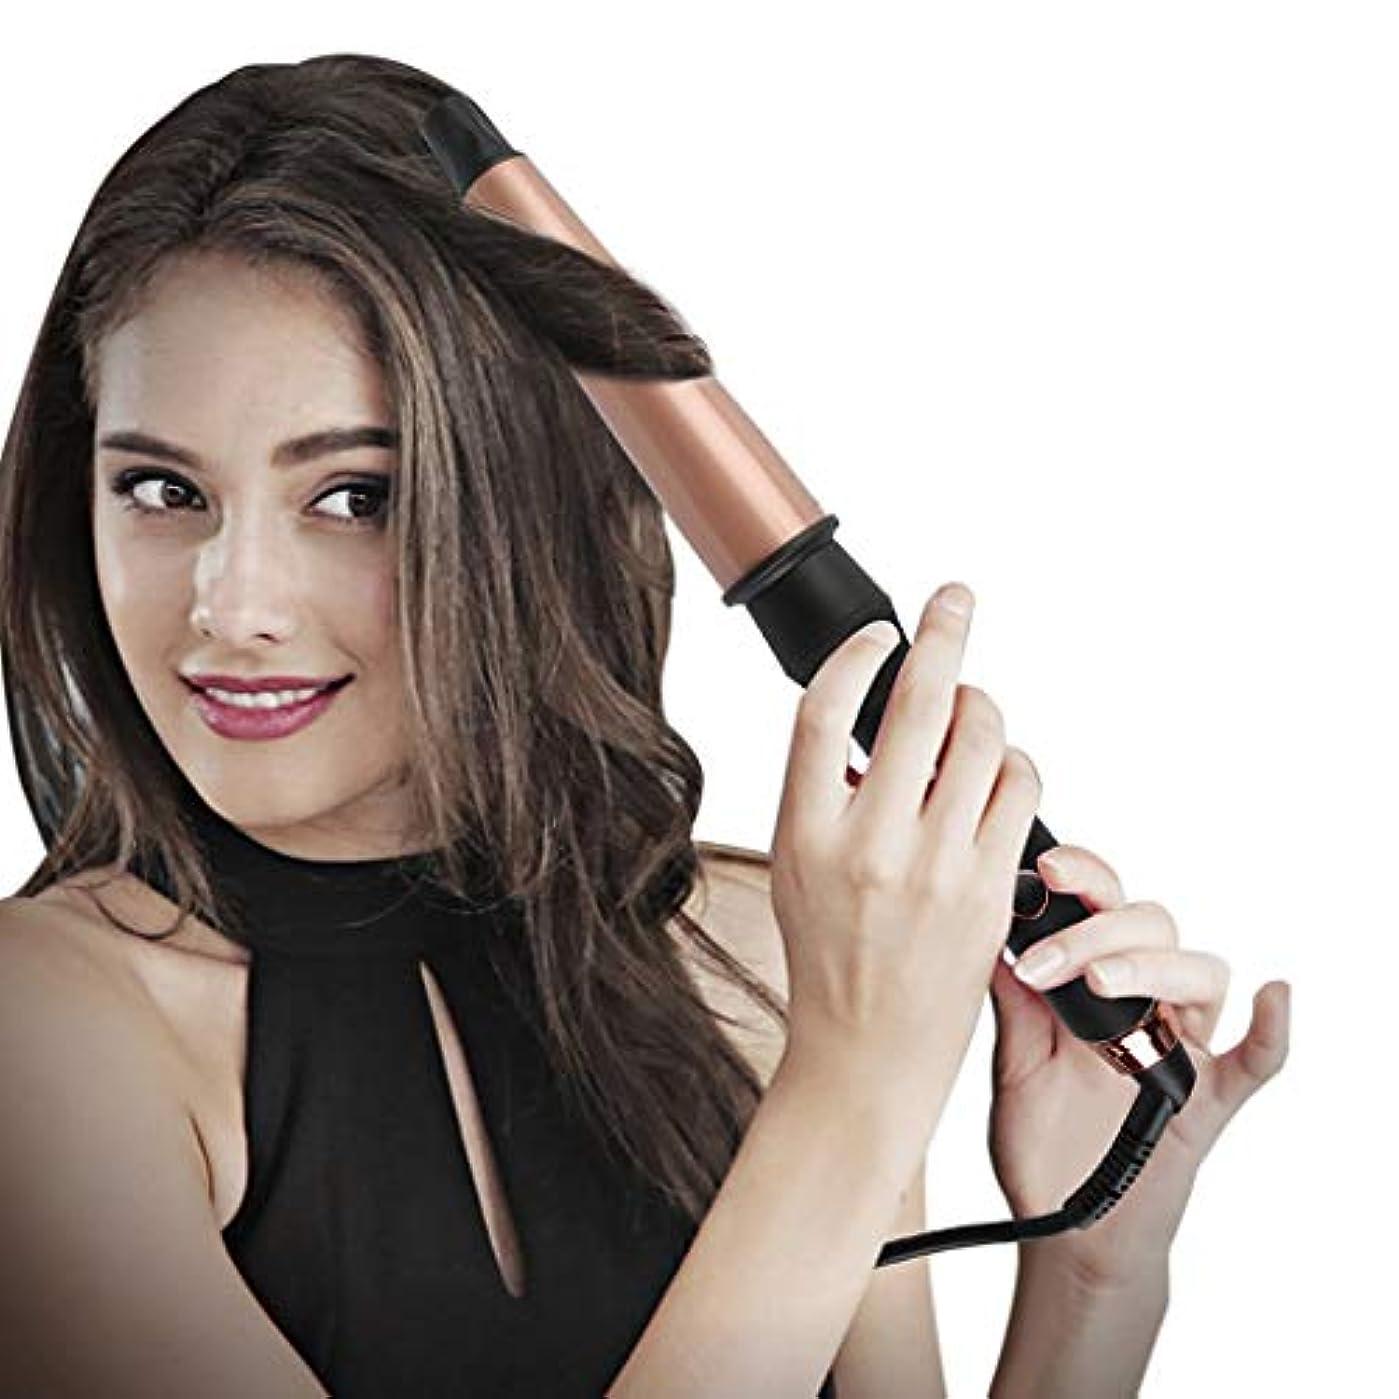 刃まぶしさメディックトルマリンセラミックカーリング鉄カーリングアイロンスパイラルヘアスティック手袋を送信する髪カーラーパーマ液晶自動カーリングアイロンポータブルヘアカーラー髪を傷つけるしない